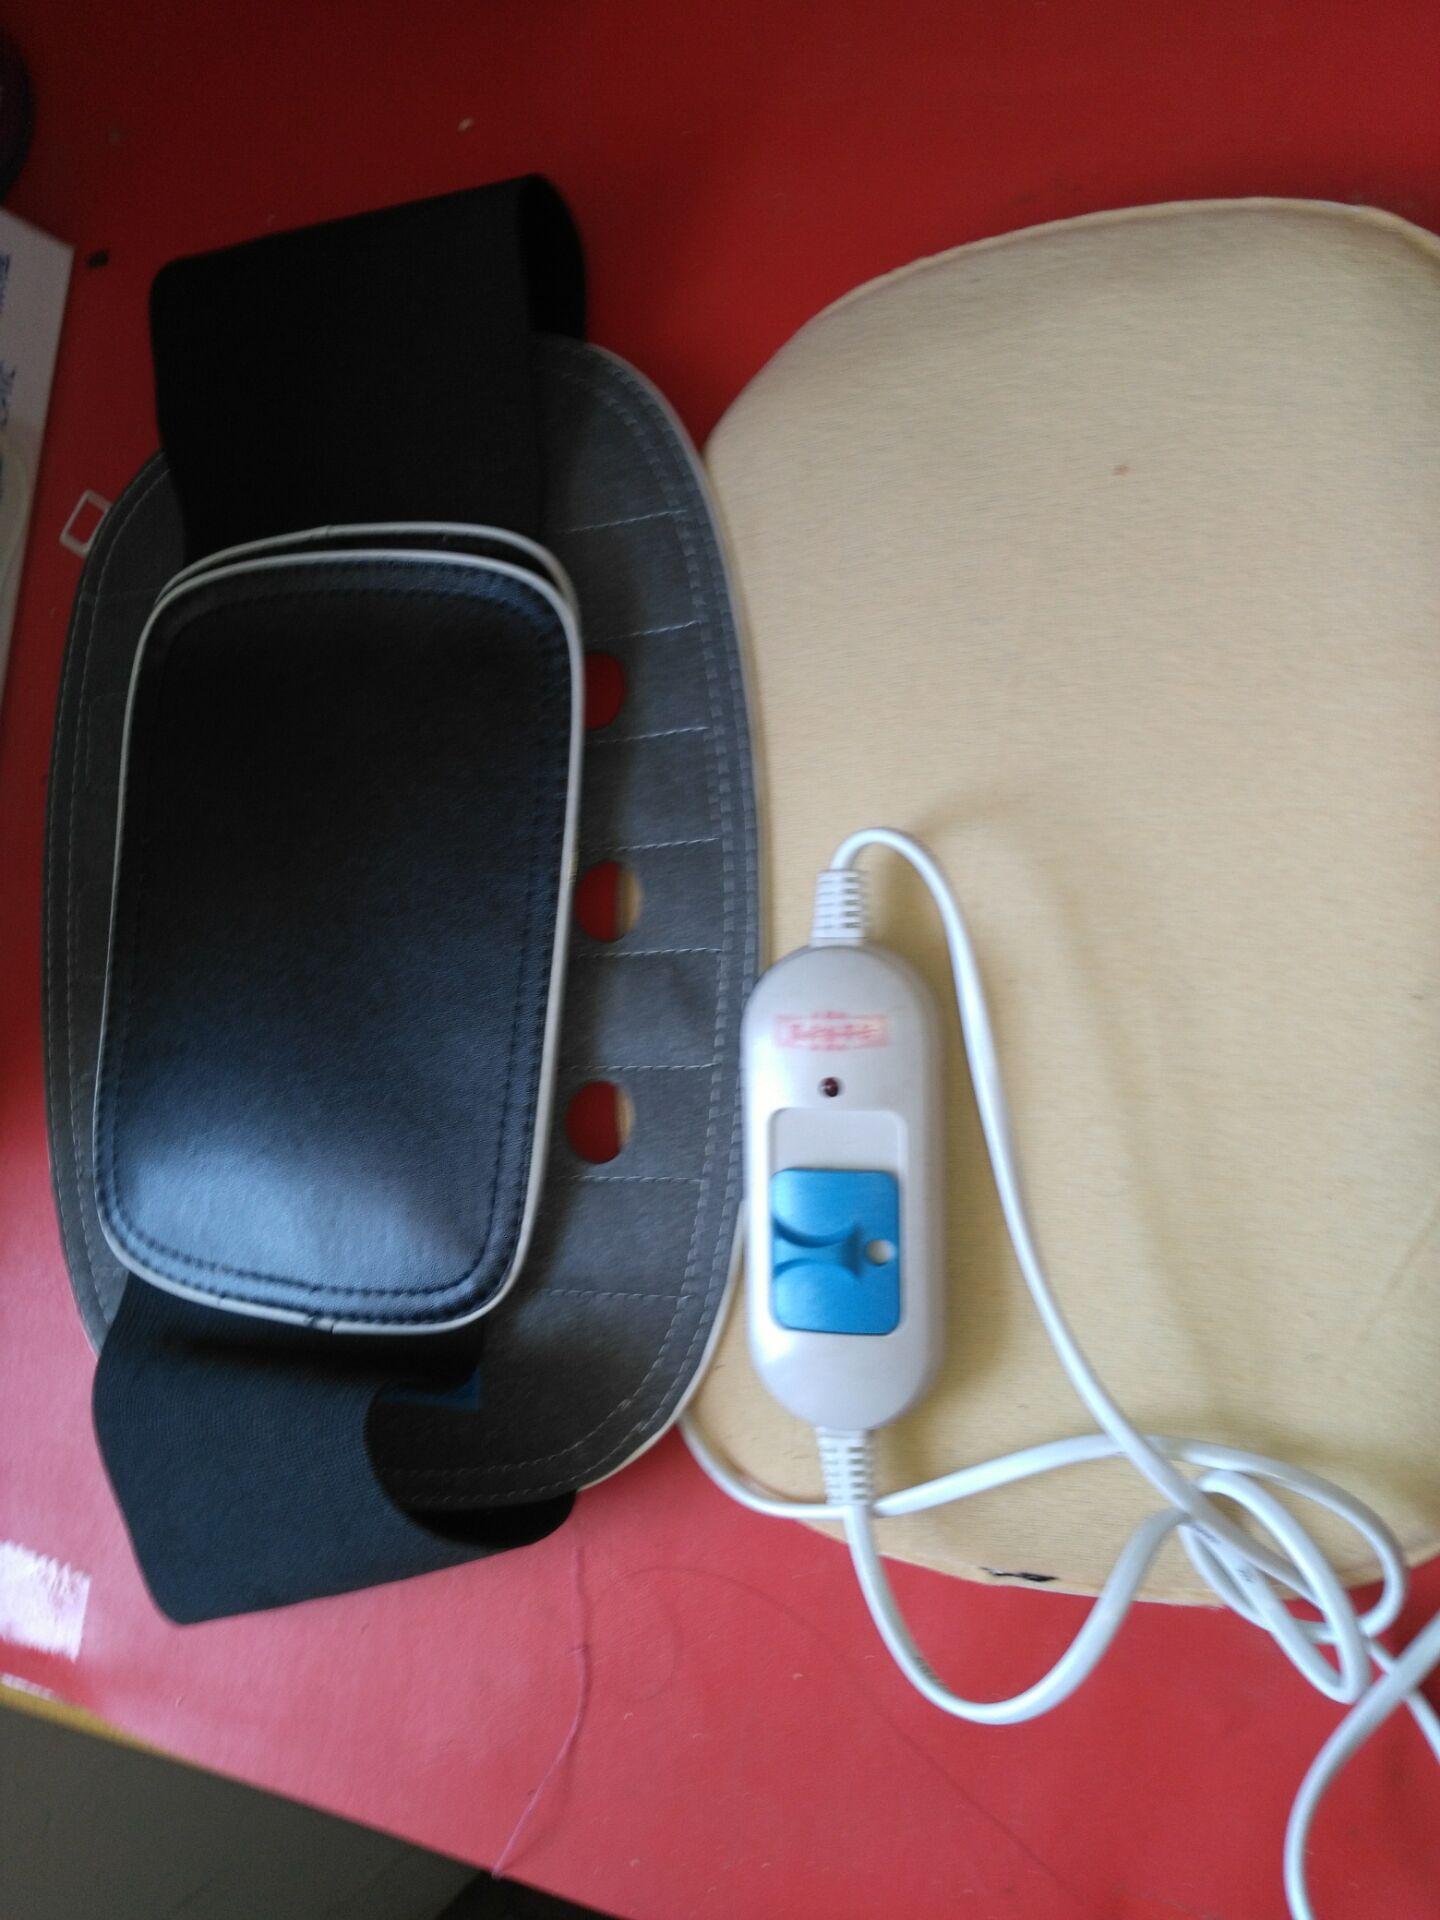 郵のヘルスケアのバオのベルトは電気のベルトを挿して電気の加熱する暖かいベルト保温します